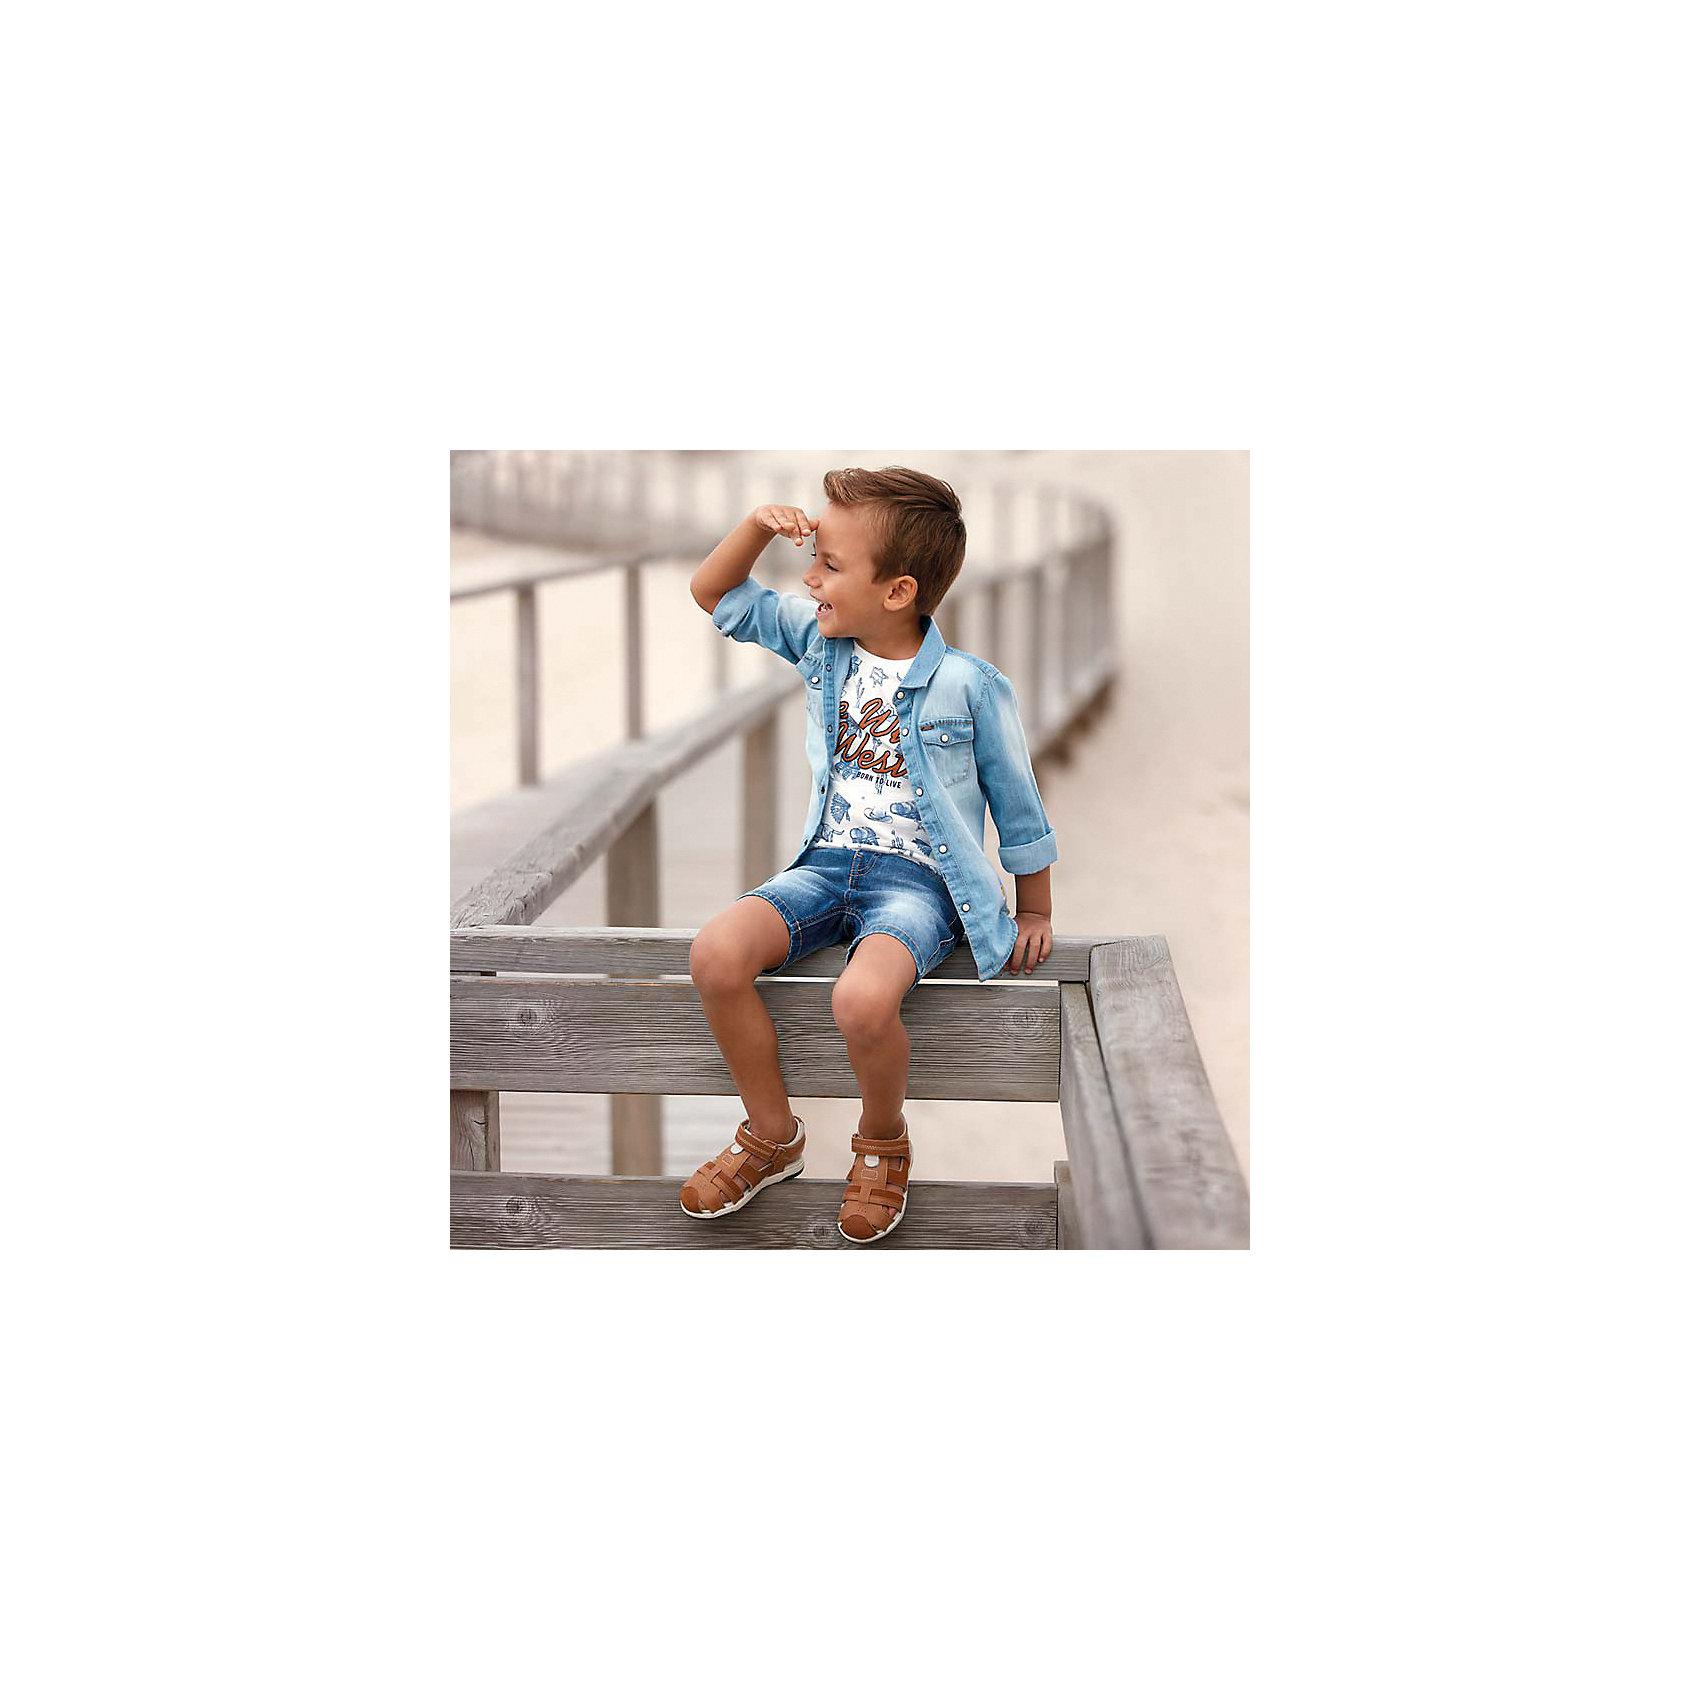 Бриджи джинсовые для мальчика MayoralДжинсовая одежда<br>Характеристики товара:<br><br>• цвет: синий<br>• состав: 99% хлопок, 1% эластан<br>• имитация потертостей<br>• пояс с регулировкой объема<br>• карманы<br>• шлевки<br>• классический силуэт<br>• страна бренда: Испания<br><br>Модные бриджи для мальчика смогут стать базовой вещью в гардеробе ребенка. Они отлично сочетаются с майками, футболками, рубашками и т.д. Универсальный крой и цвет позволяет подобрать к вещи верх разных расцветок. Практичное и стильное изделие! В составе материала - натуральный хлопок, гипоаллергенный, приятный на ощупь, дышащий.<br><br>Одежда, обувь и аксессуары от испанского бренда Mayoral полюбились детям и взрослым по всему миру. Модели этой марки - стильные и удобные. Для их производства используются только безопасные, качественные материалы и фурнитура. Порадуйте ребенка модными и красивыми вещами от Mayoral! <br><br>Бриджи для мальчика от испанского бренда Mayoral (Майорал) можно купить в нашем интернет-магазине.<br><br>Ширина мм: 191<br>Глубина мм: 10<br>Высота мм: 175<br>Вес г: 273<br>Цвет: синий<br>Возраст от месяцев: 84<br>Возраст до месяцев: 96<br>Пол: Мужской<br>Возраст: Детский<br>Размер: 128,98,122,92,110,116,134,104<br>SKU: 5277916